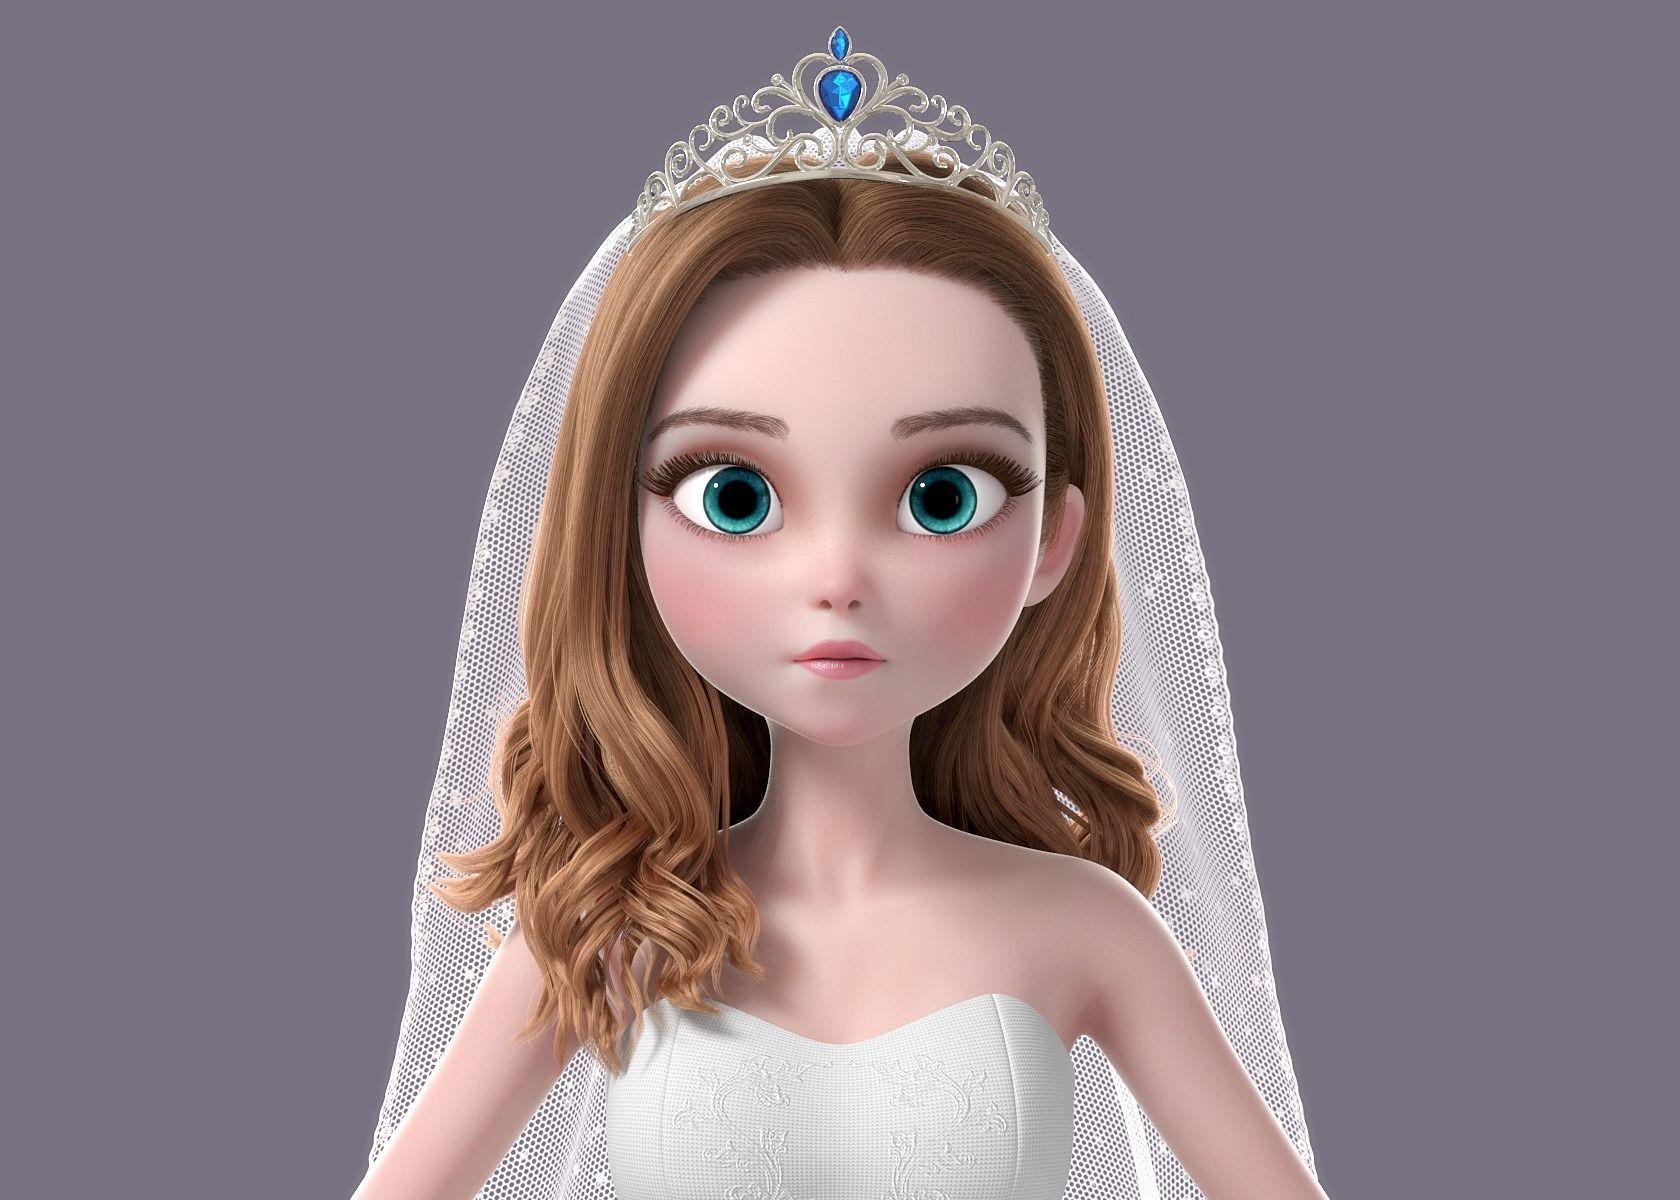 Cartoon Bride NoRig